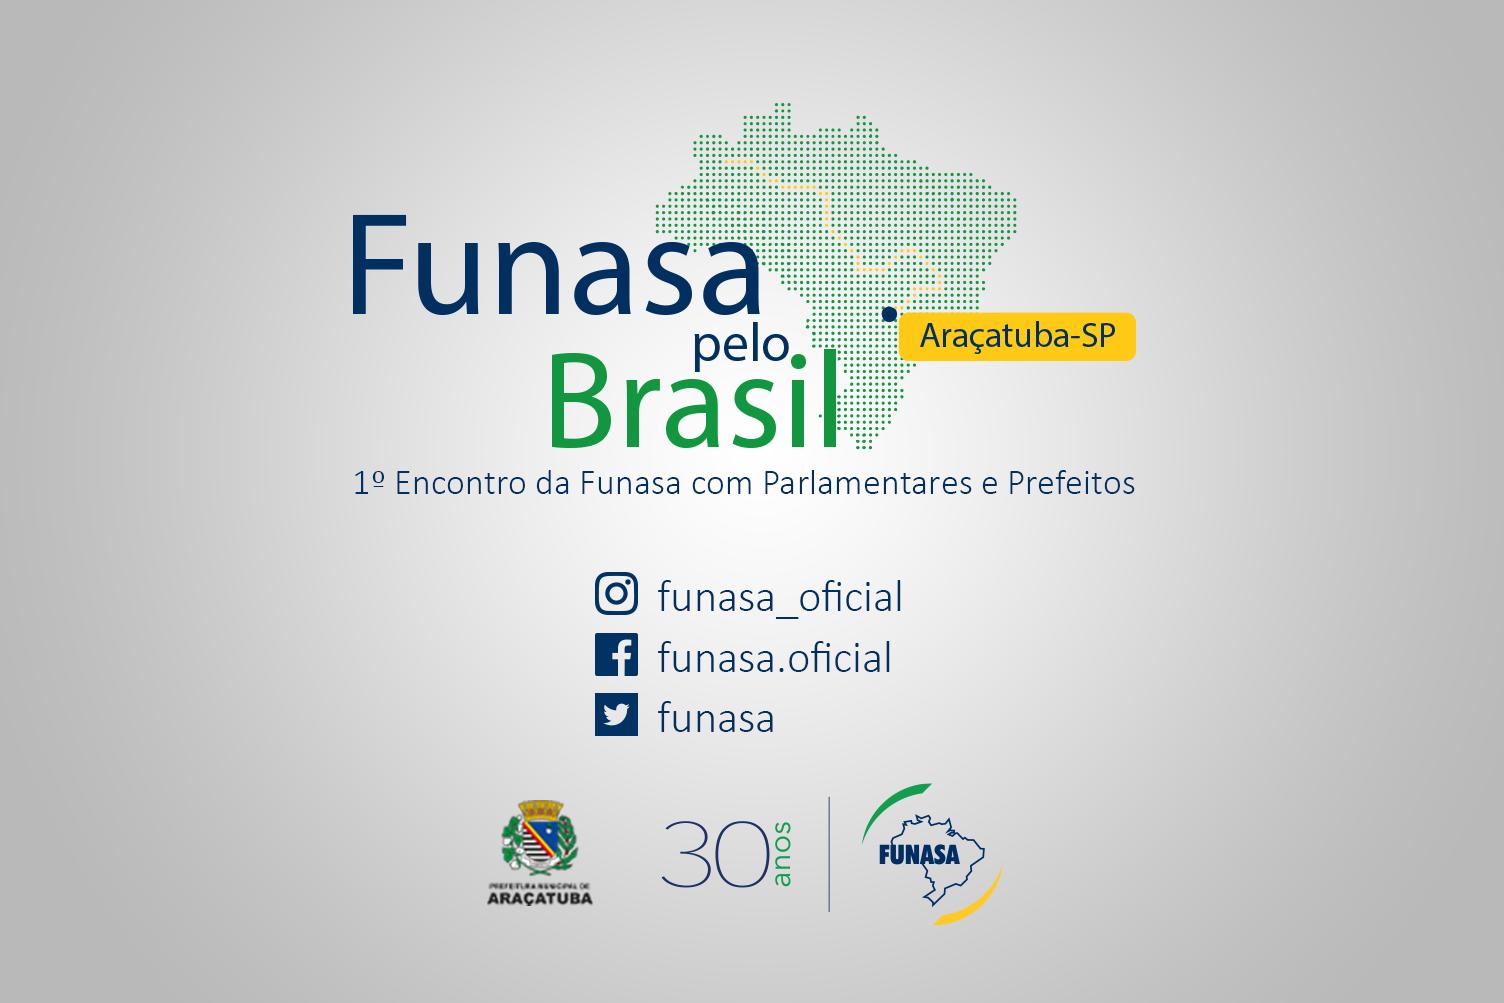 Funasa realiza primeiro encontro com parlamentares e prefeitos, em Araçatuba